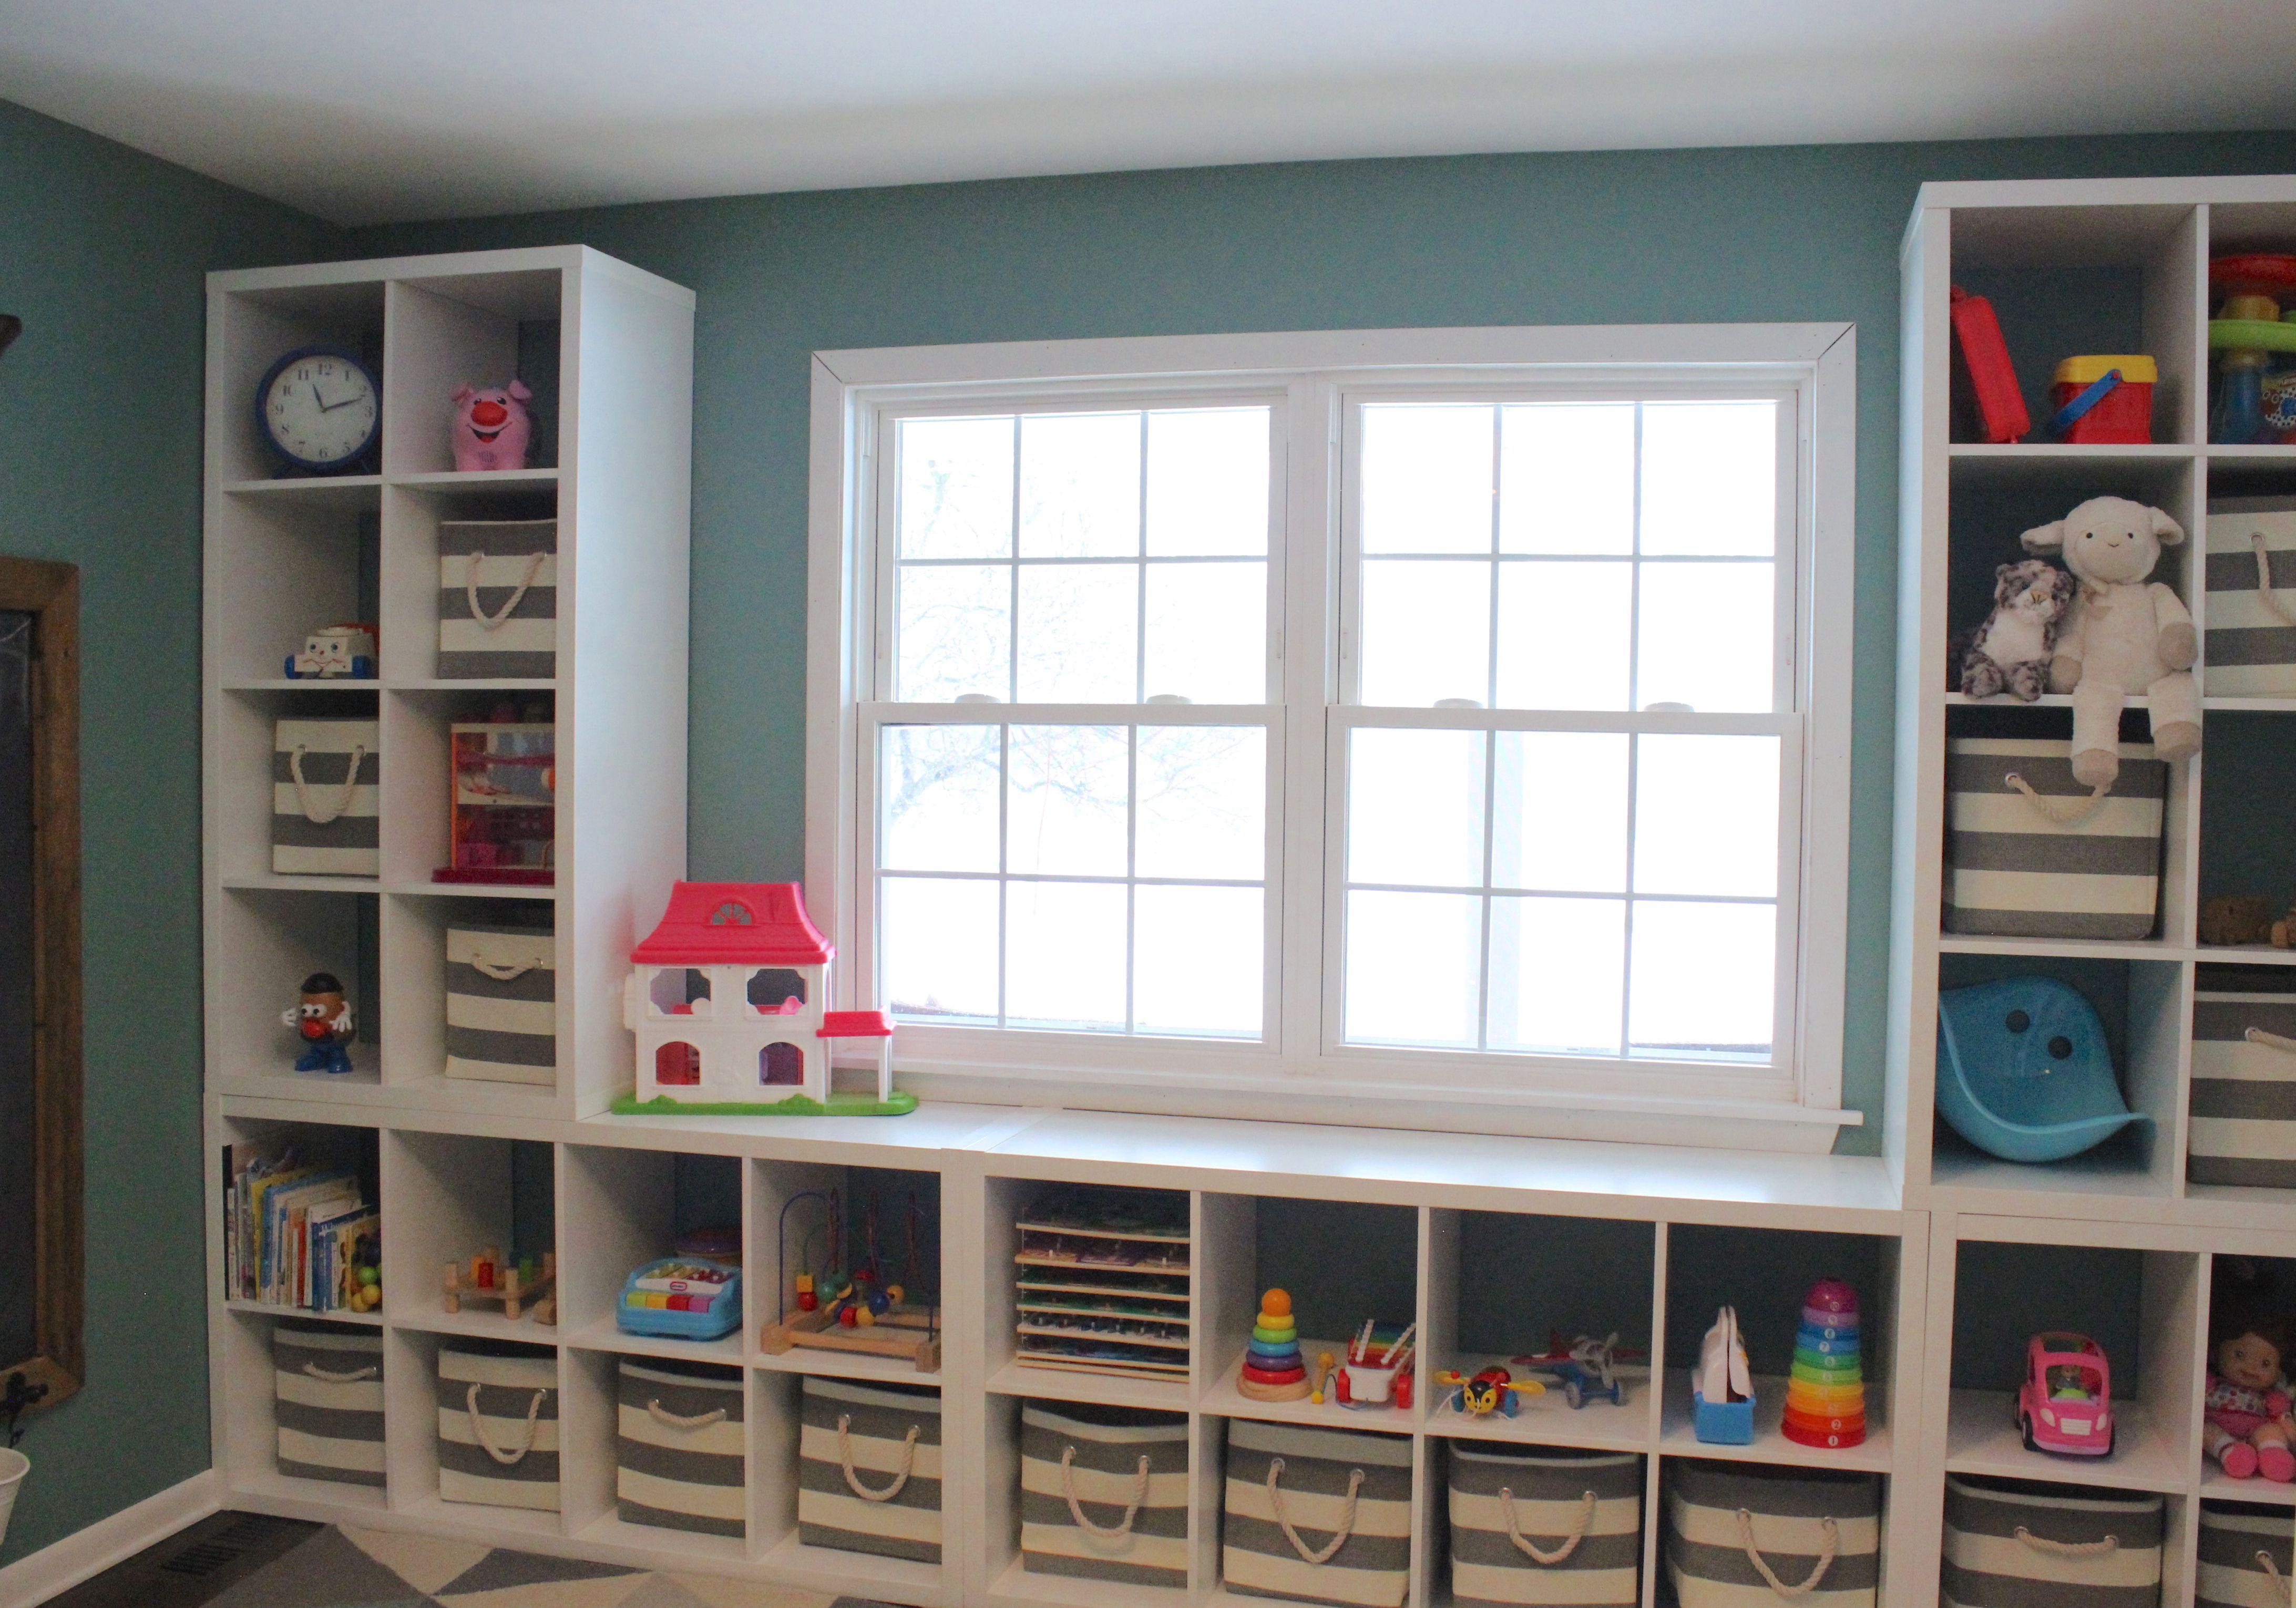 Playroom Storage Shelves Ikea Kallax Cubbies Striped Bins